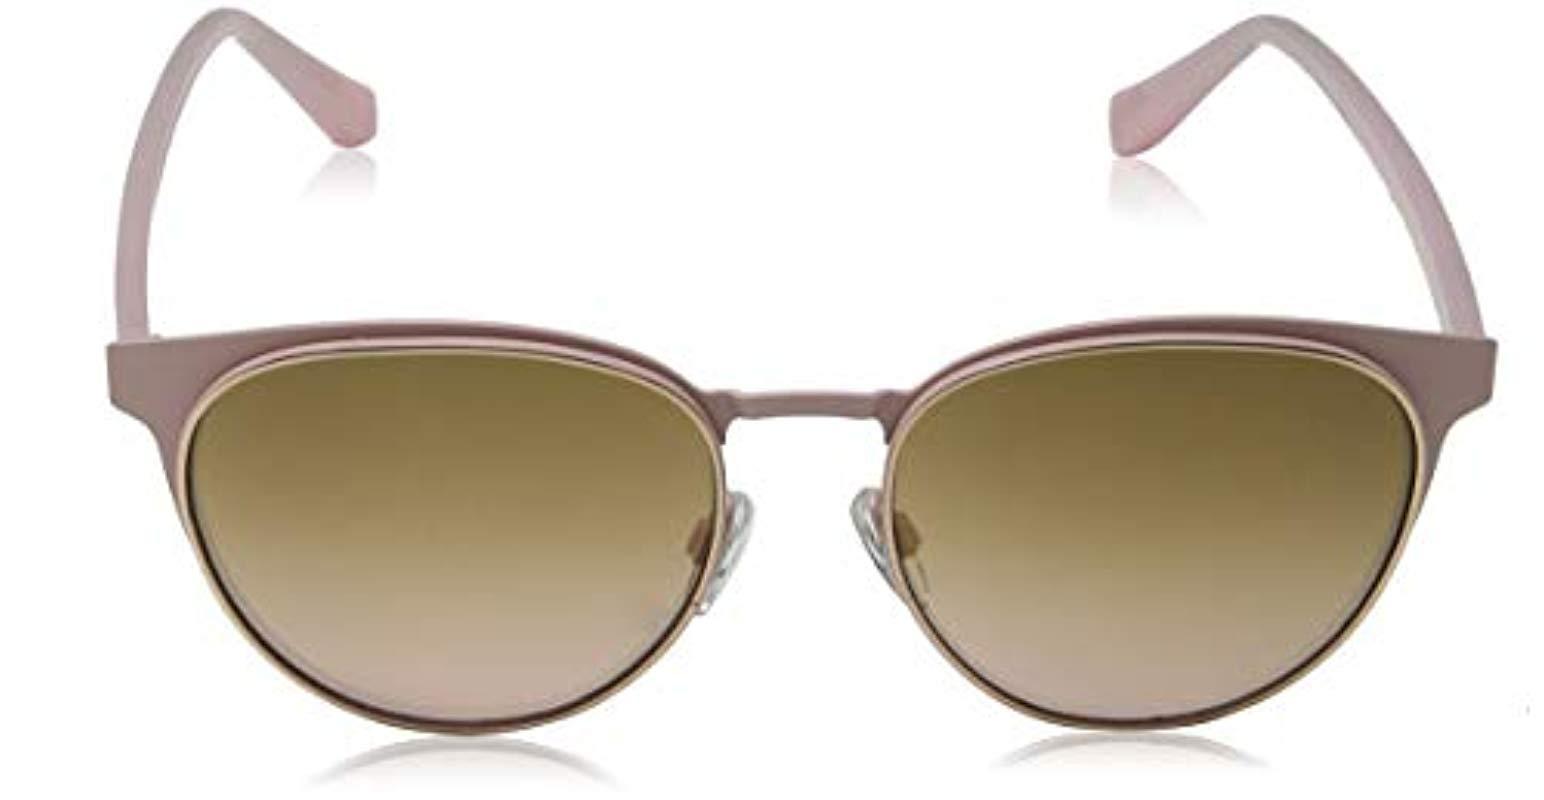 035c6422403 Ted Baker Sunglasses Dalia Sunglasses